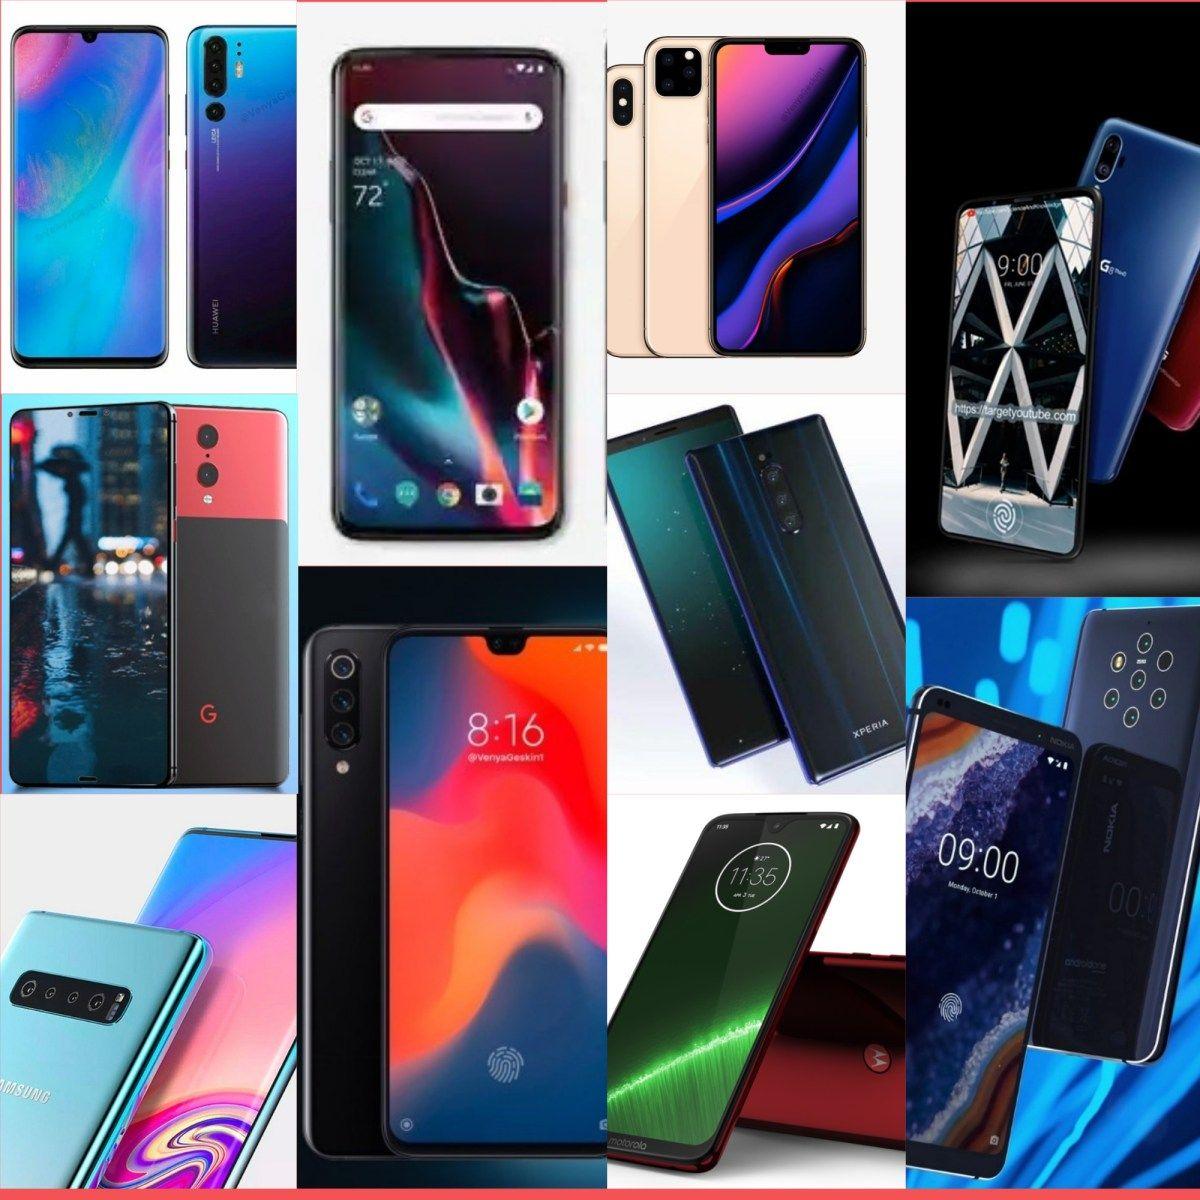 El 2018 Fue Un Ano En El Que Las Grandes Companias De Telefonia